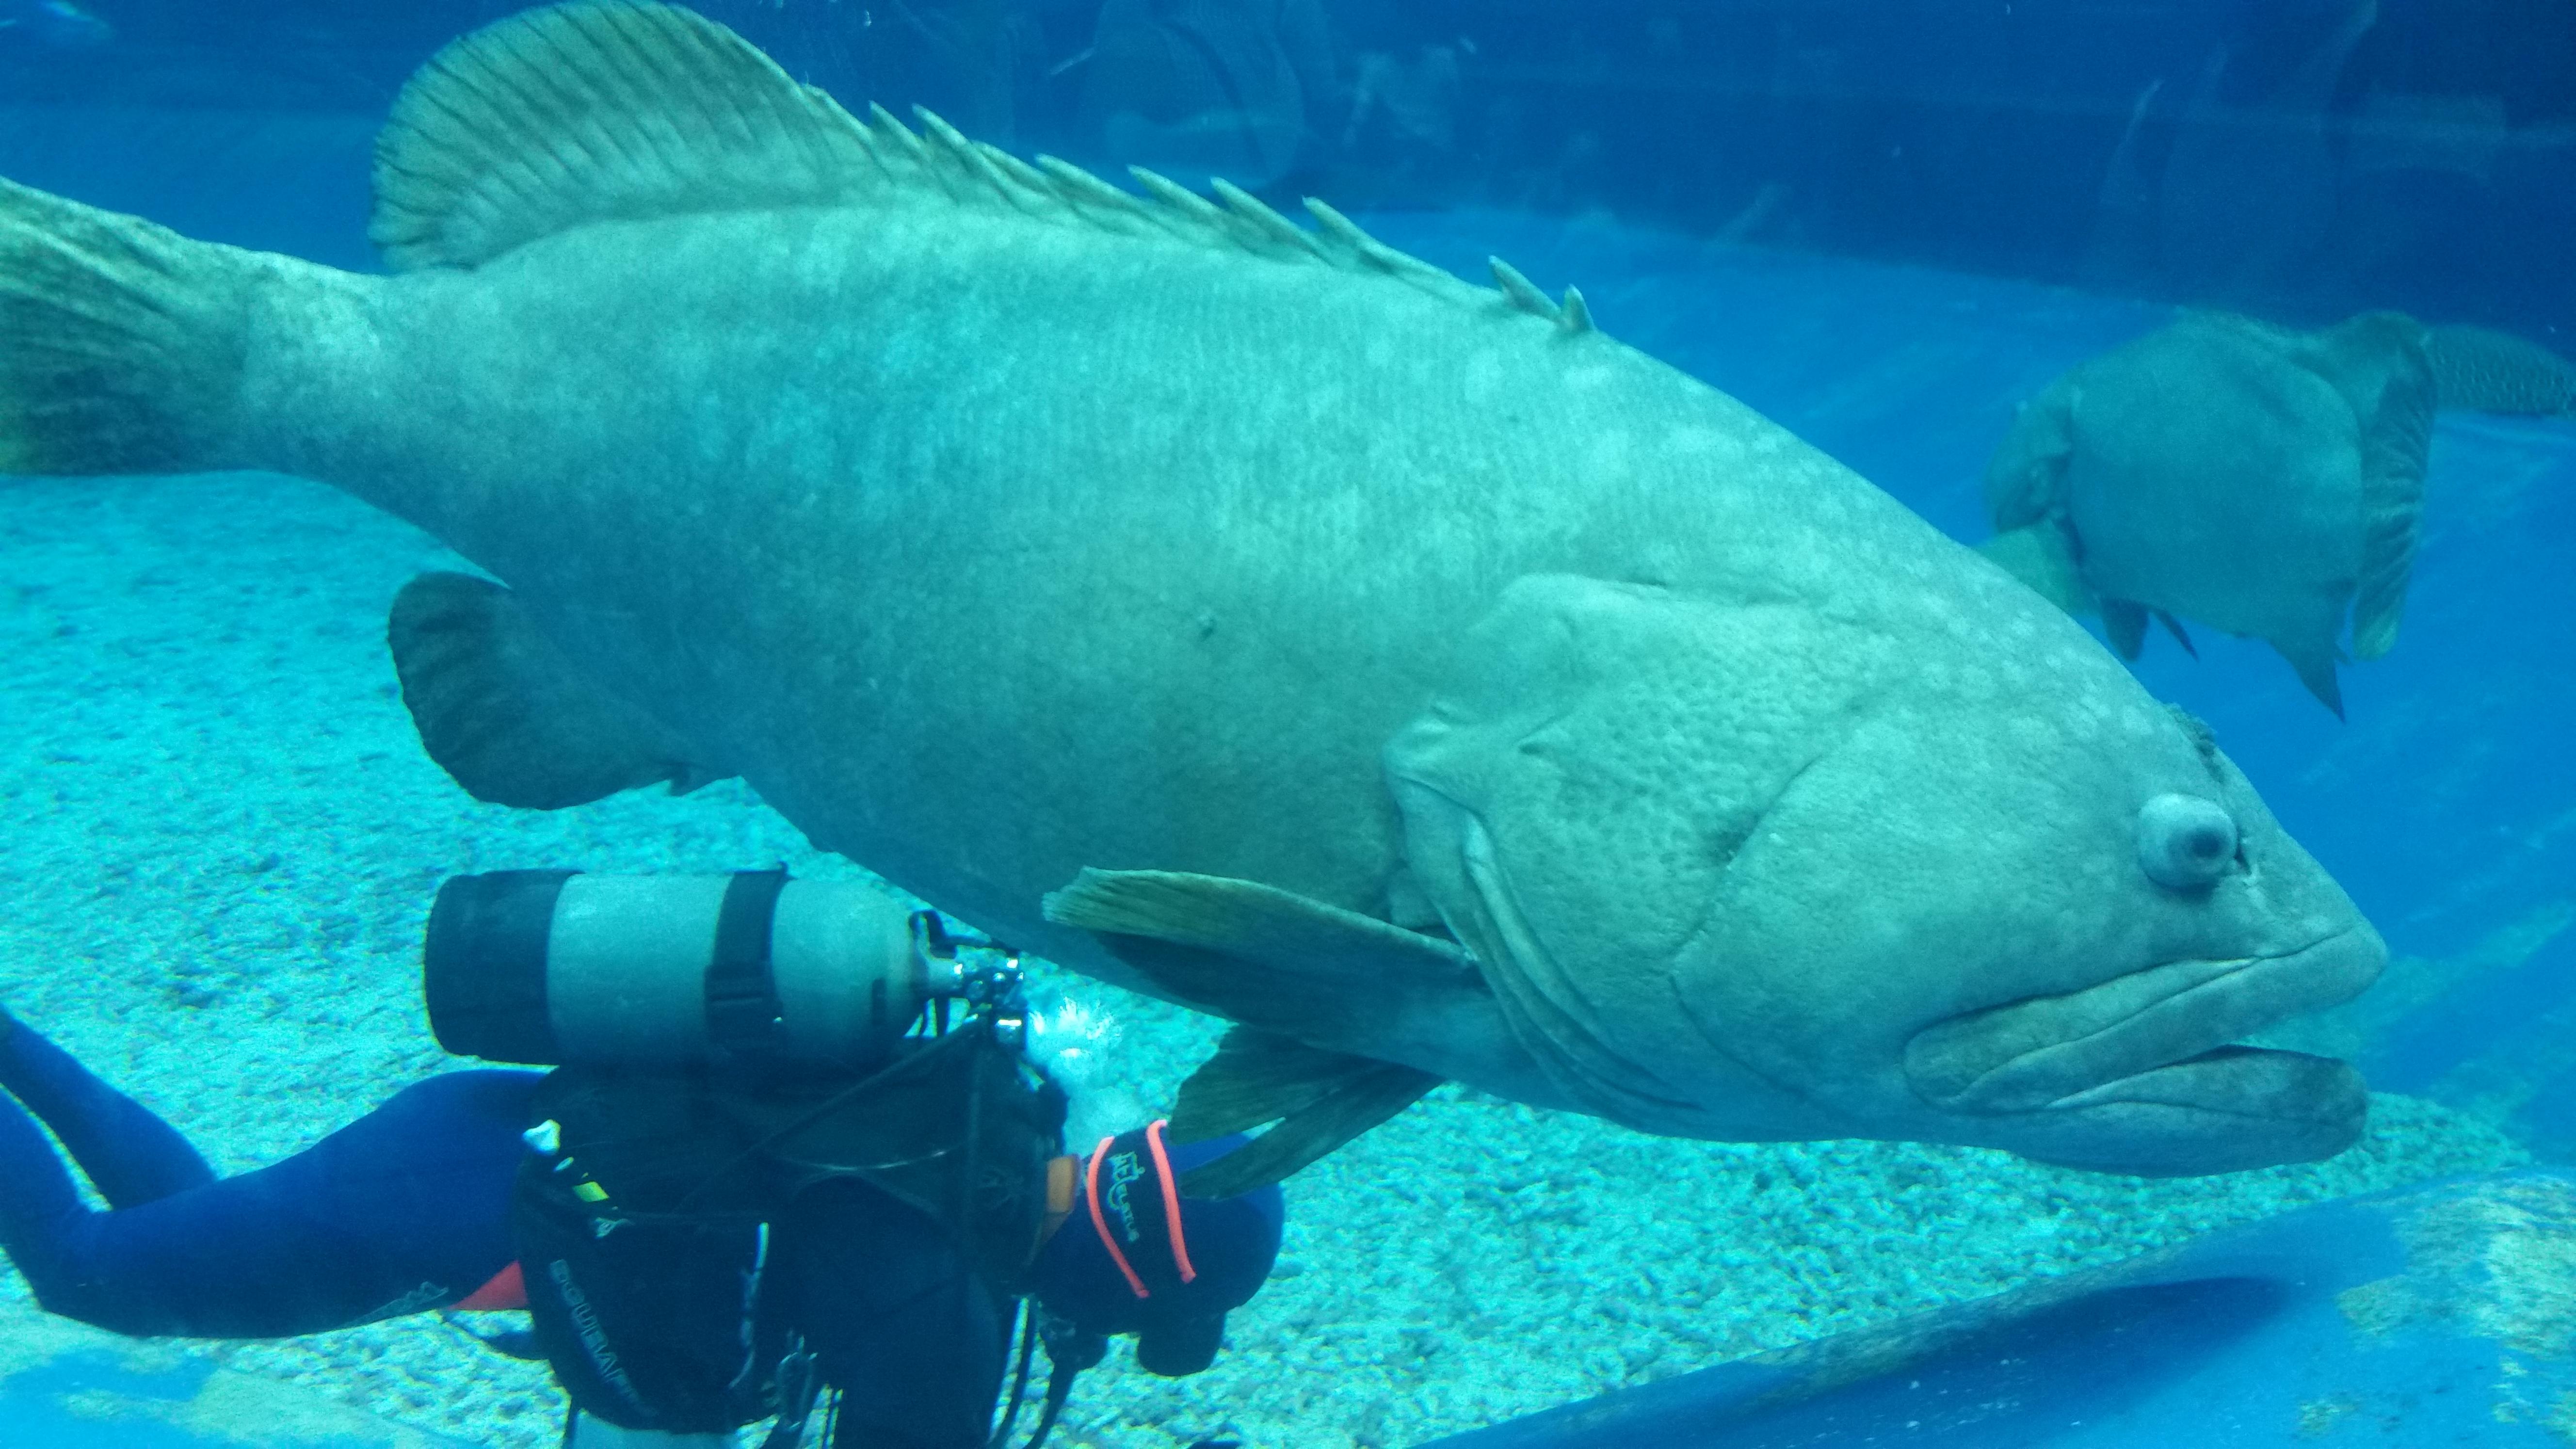 壁纸 动物 海底 海底世界 海洋馆 水族馆 鱼 鱼类 5312_2988